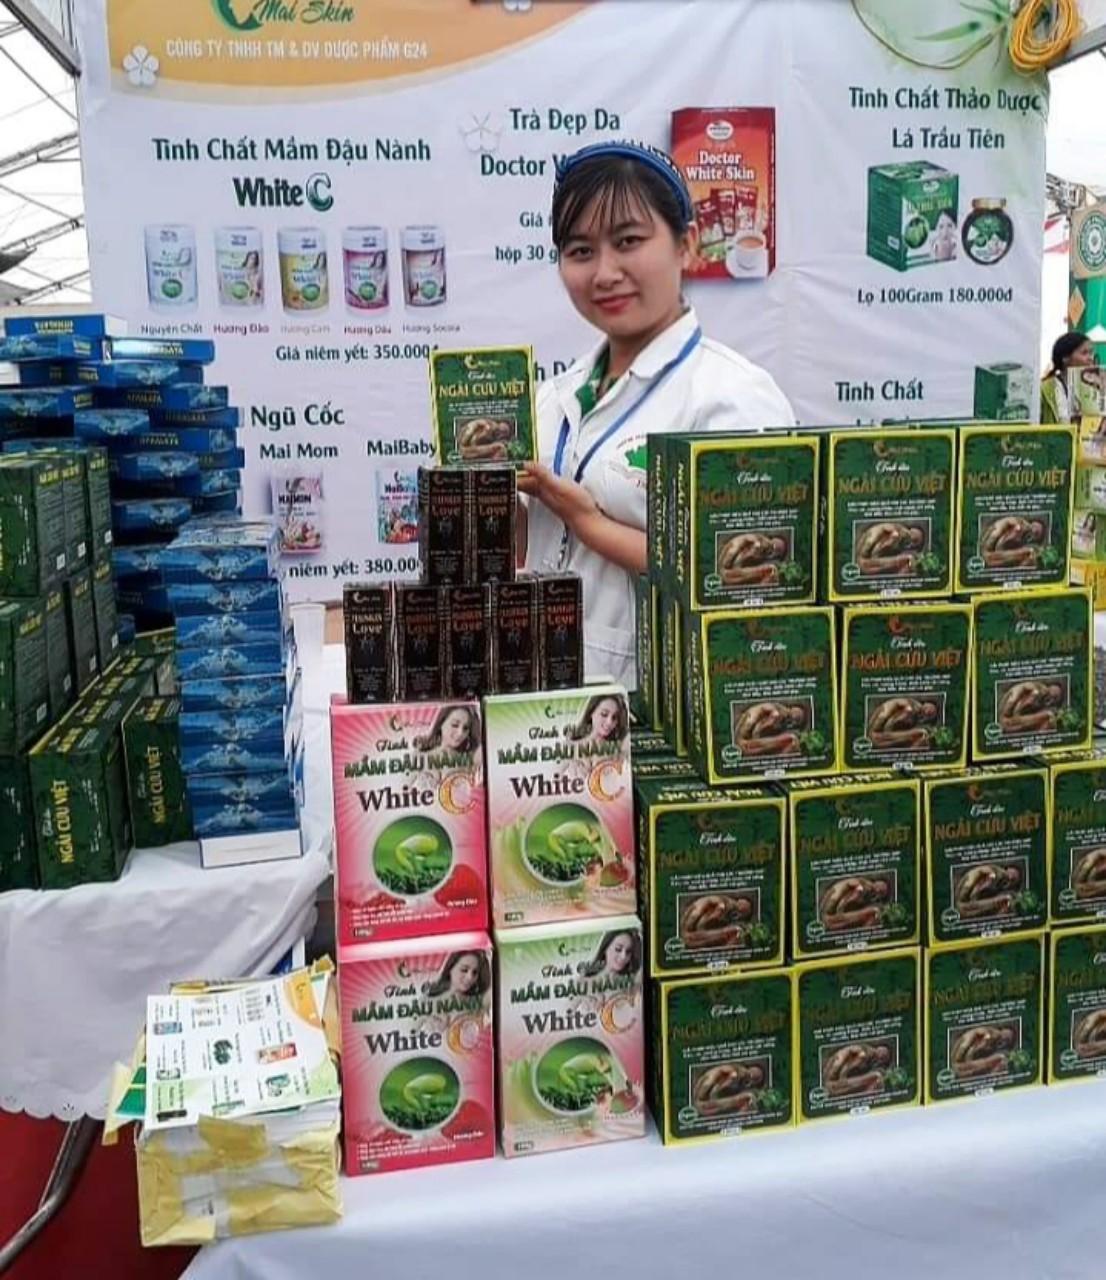 Lương Hiền: Cô kĩ sư trồng trọt trở thành nữ giám đốc chi nhánh tài ba - Ảnh 5